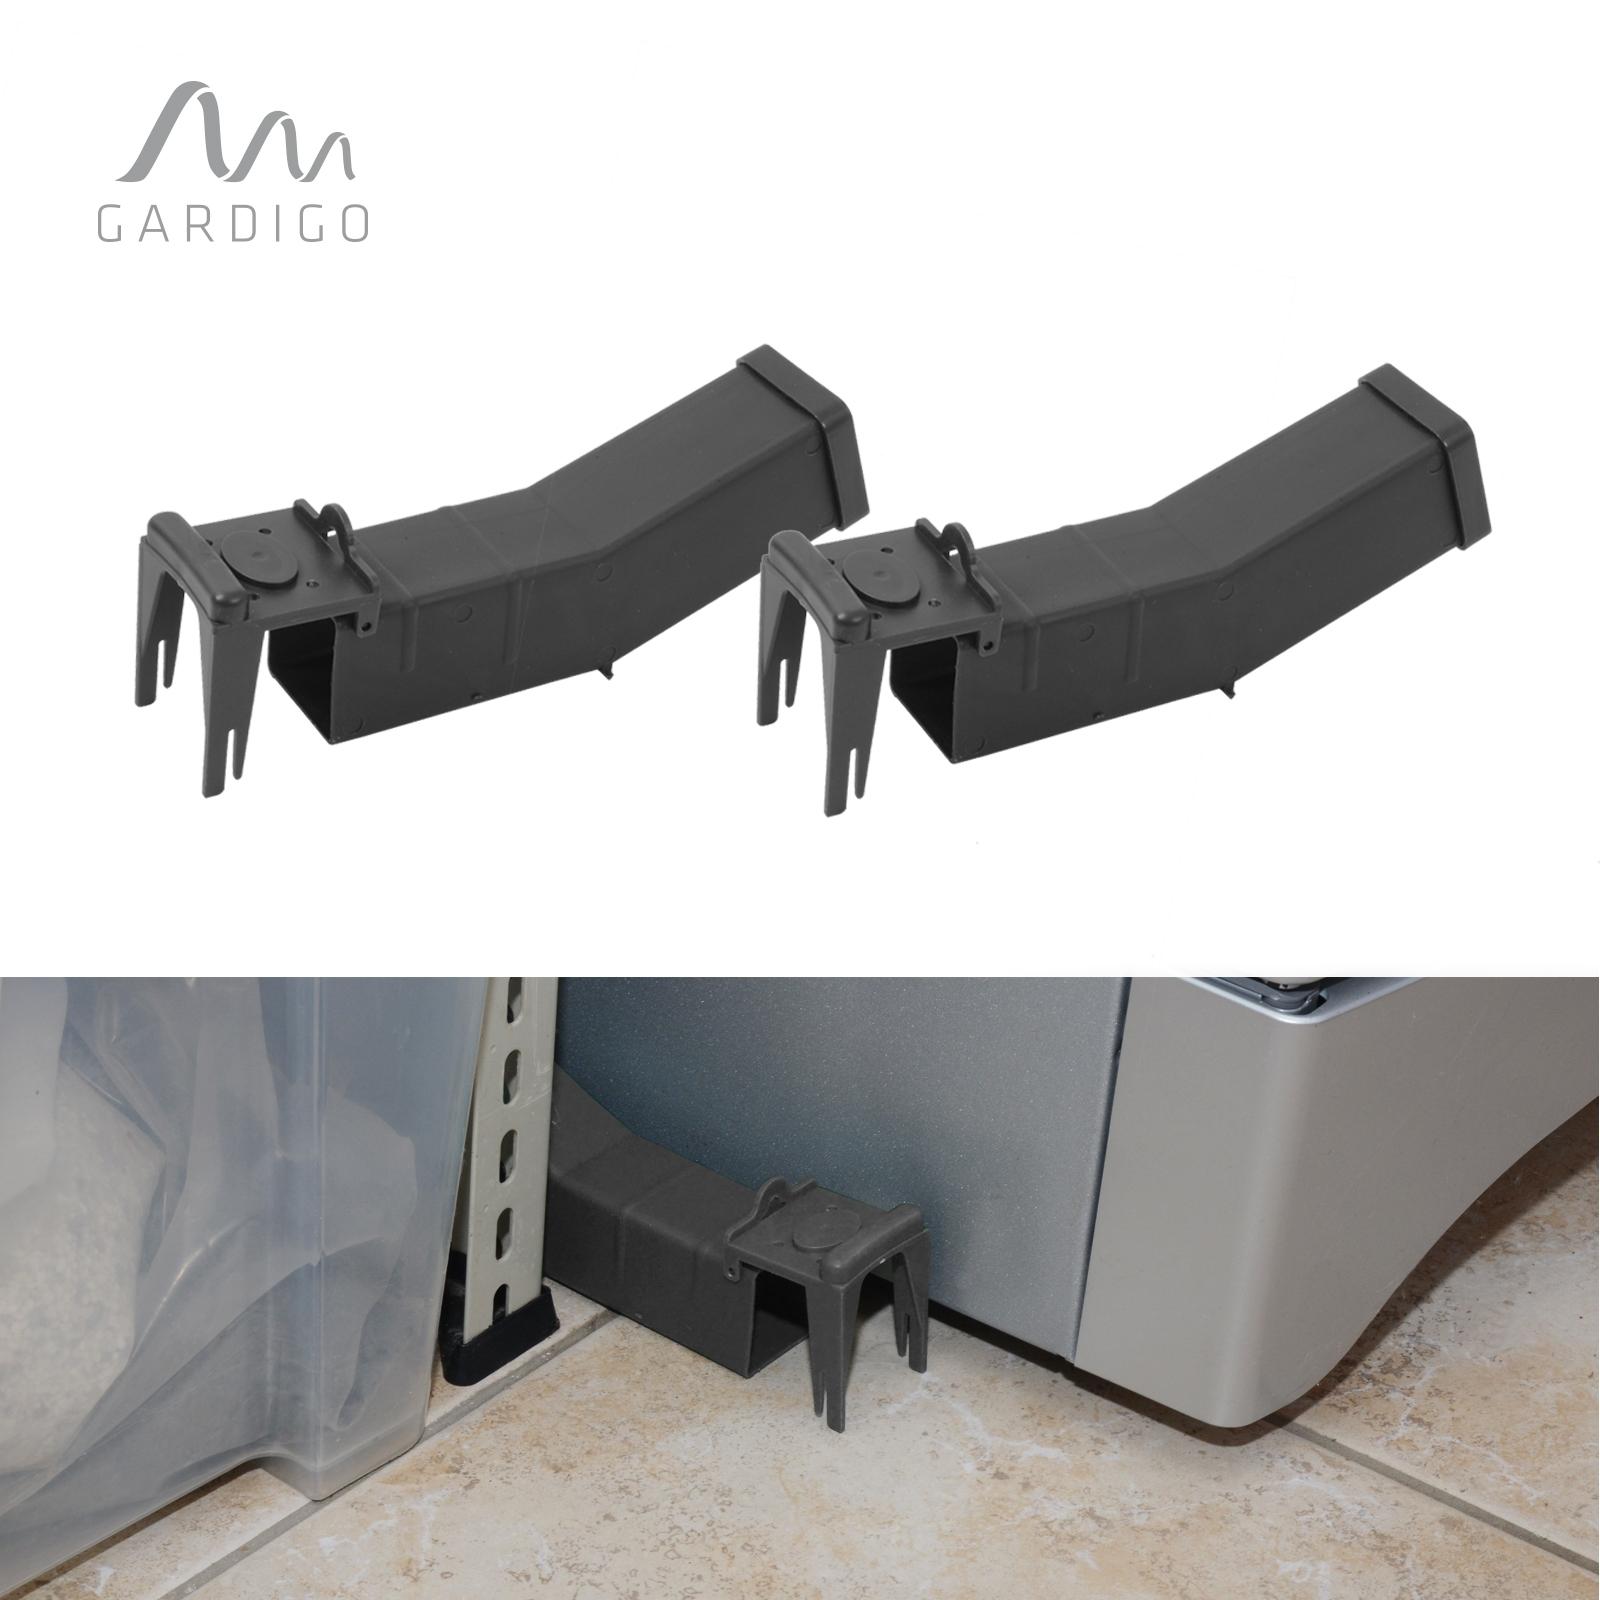 wippmausefalle 2er set lebendfalle m usefalle maus wipp falle lebendmausefalle ebay. Black Bedroom Furniture Sets. Home Design Ideas